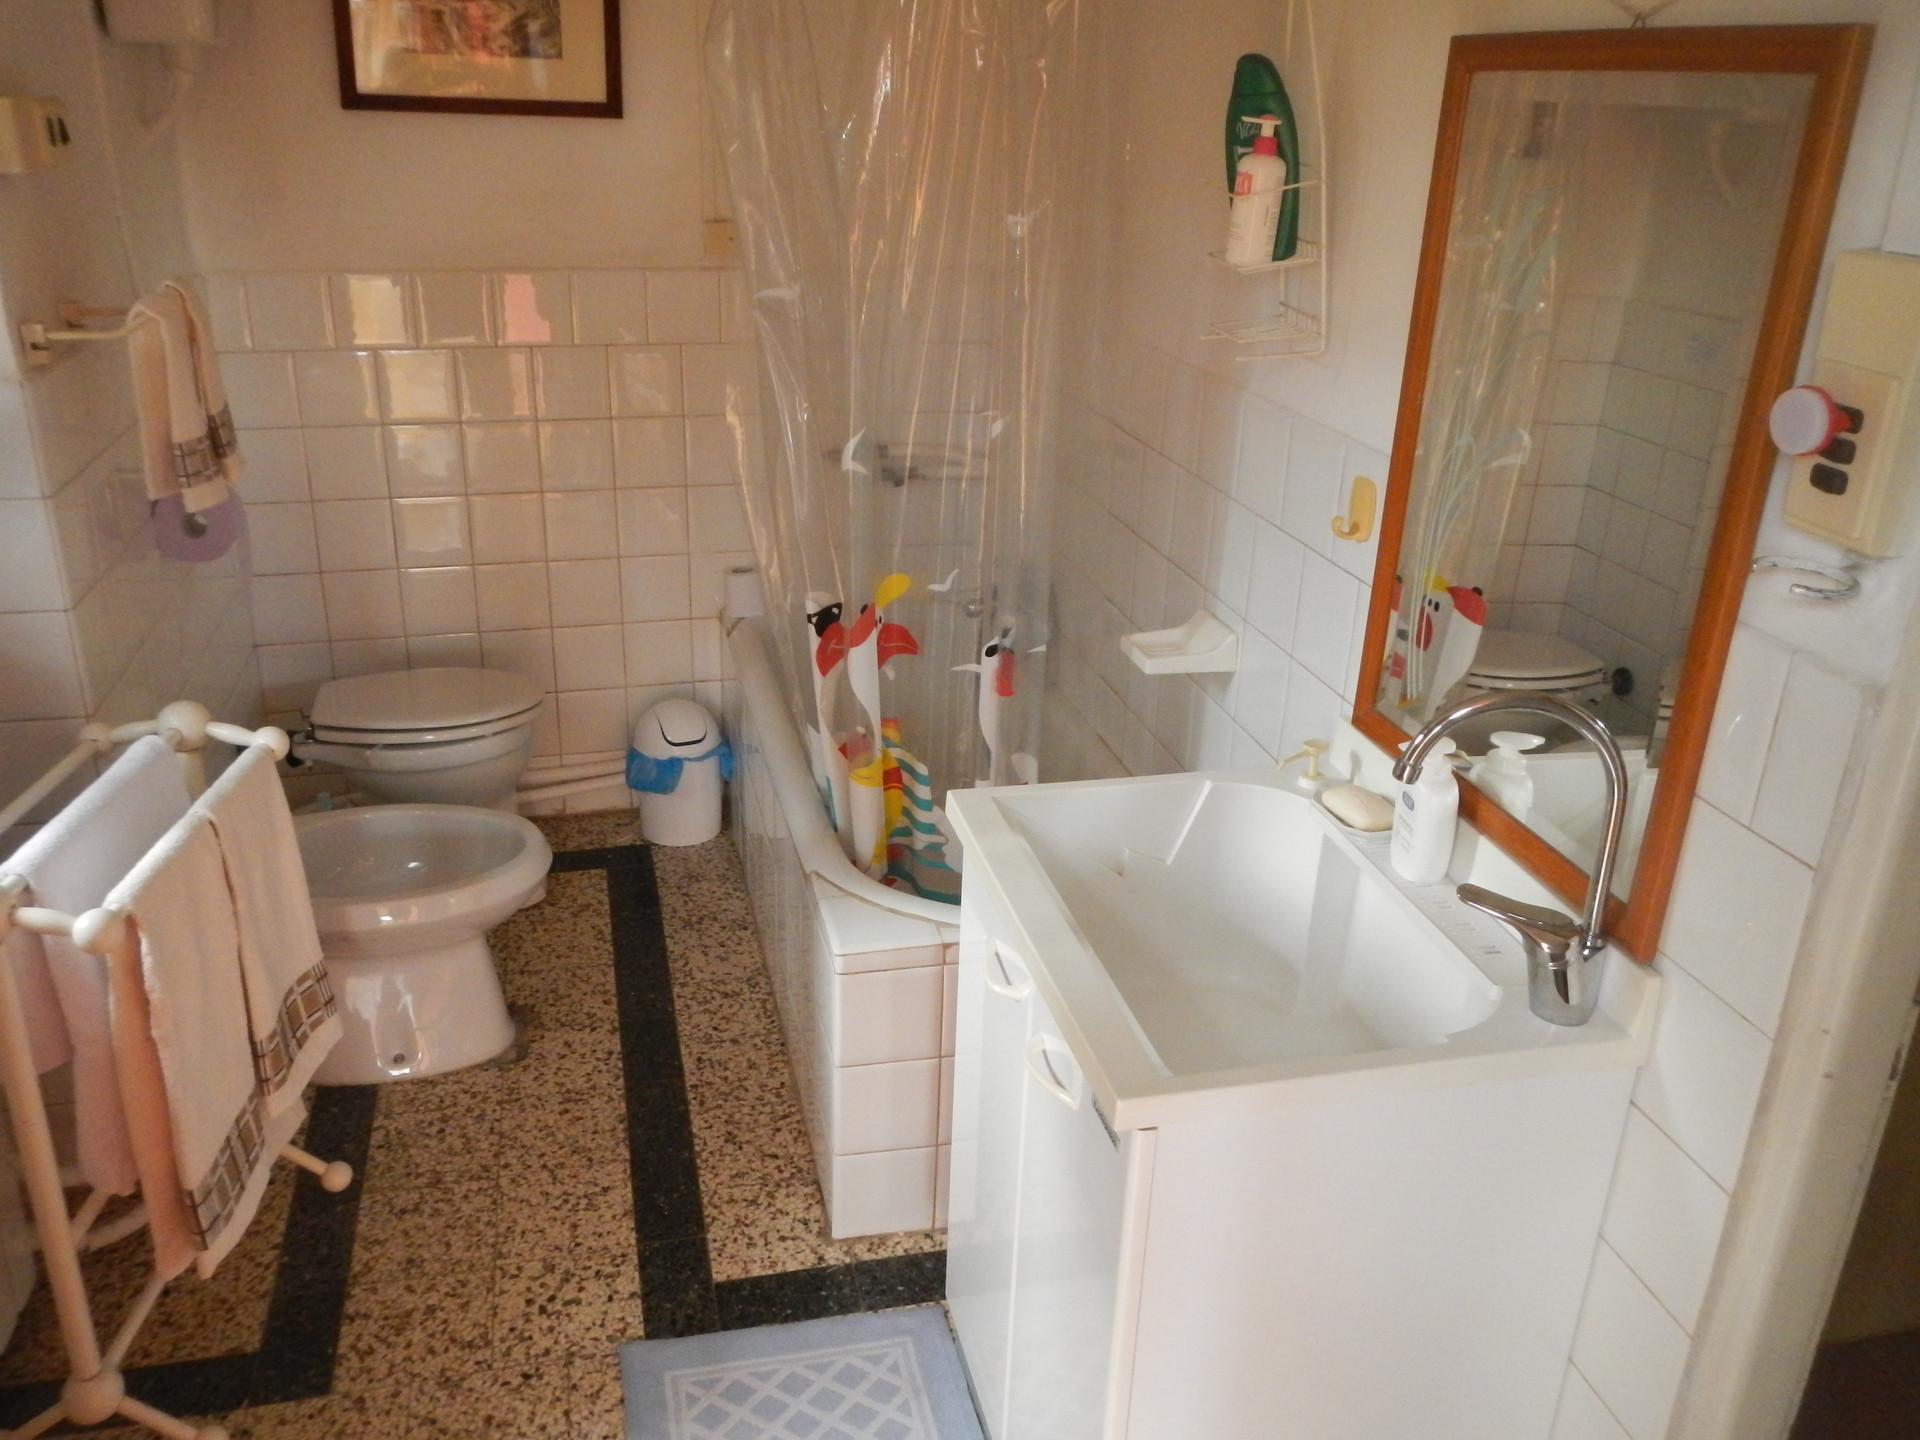 Camere arredate con bagno in comune posti letto a minuti